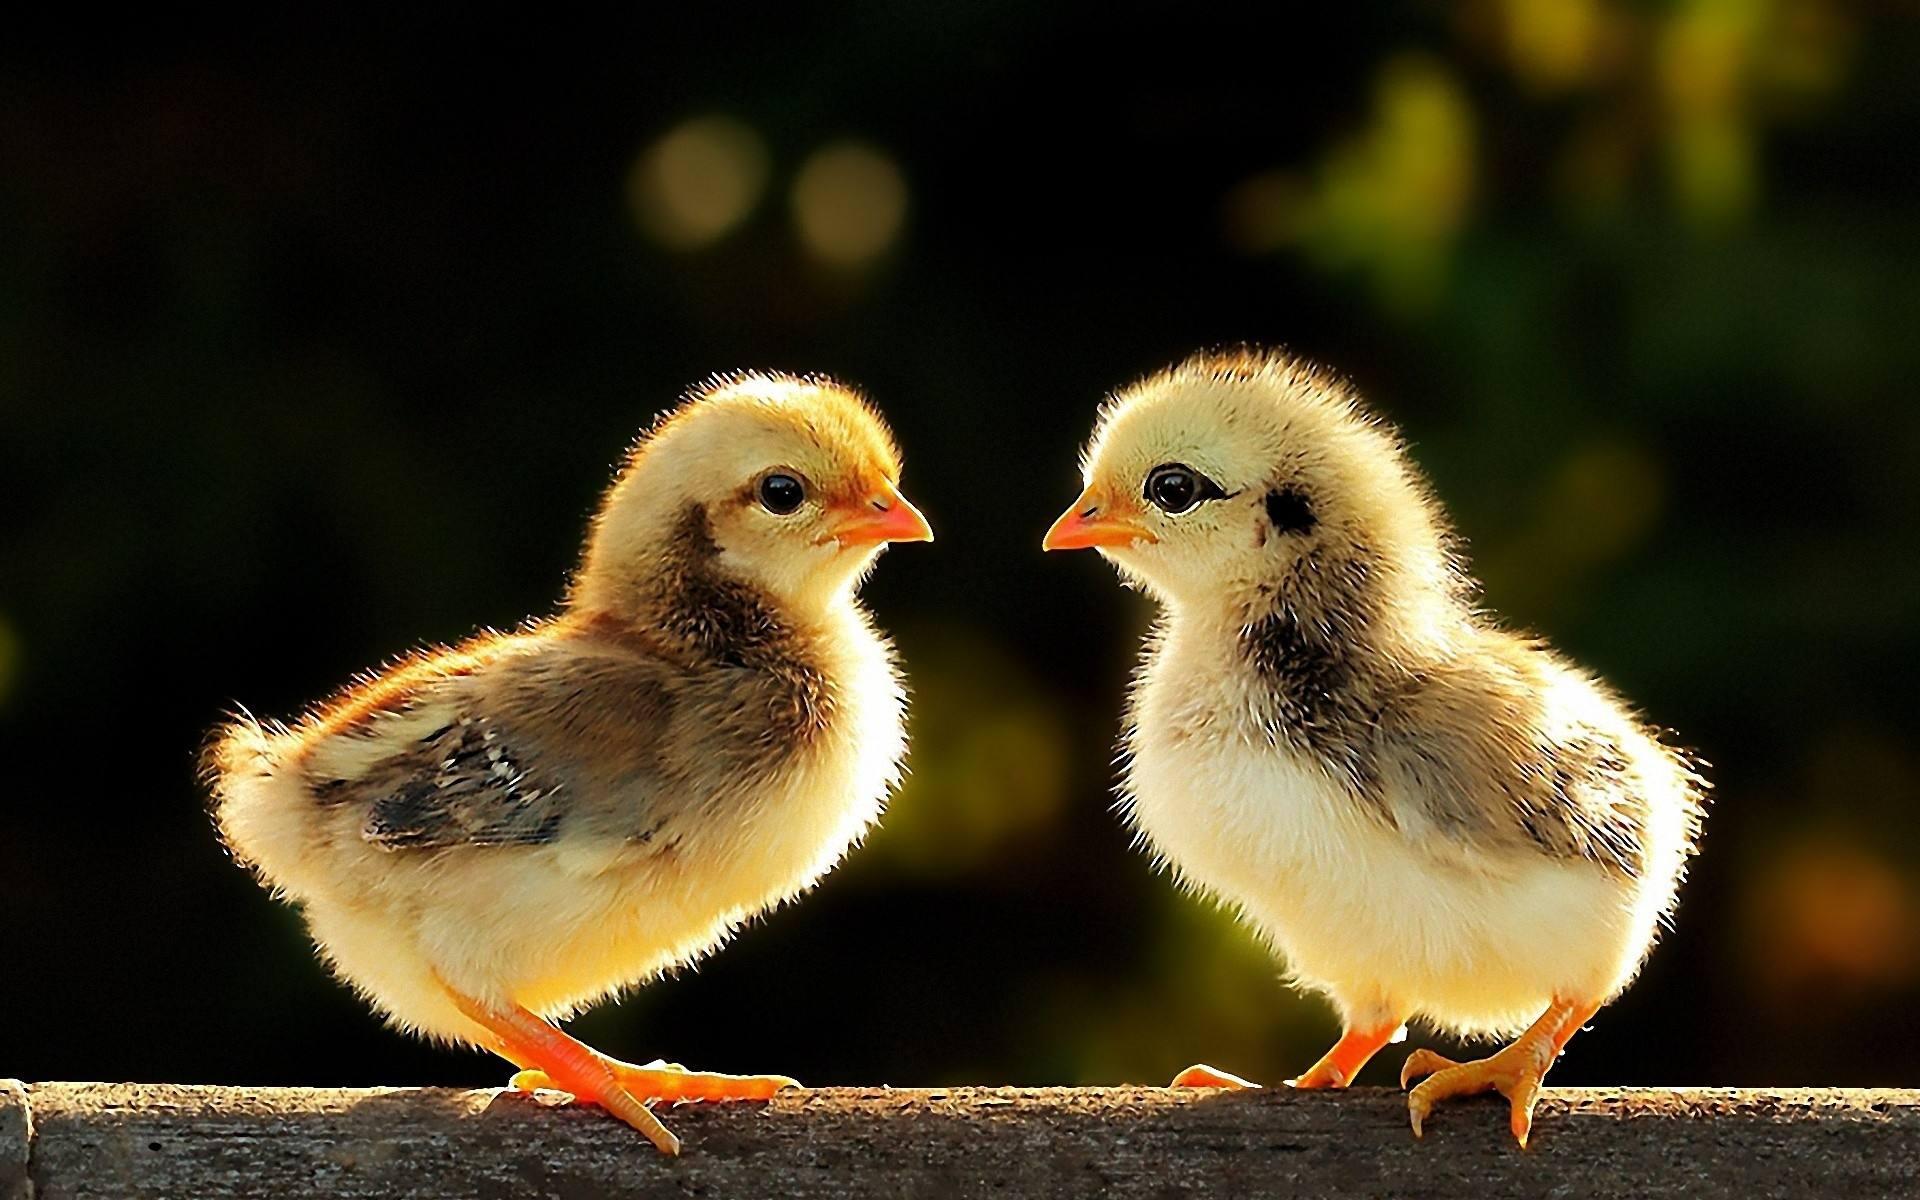 3、9月女鸡与12月男鸡婚配:属相婚配:男属鸡和女属猪相配吗